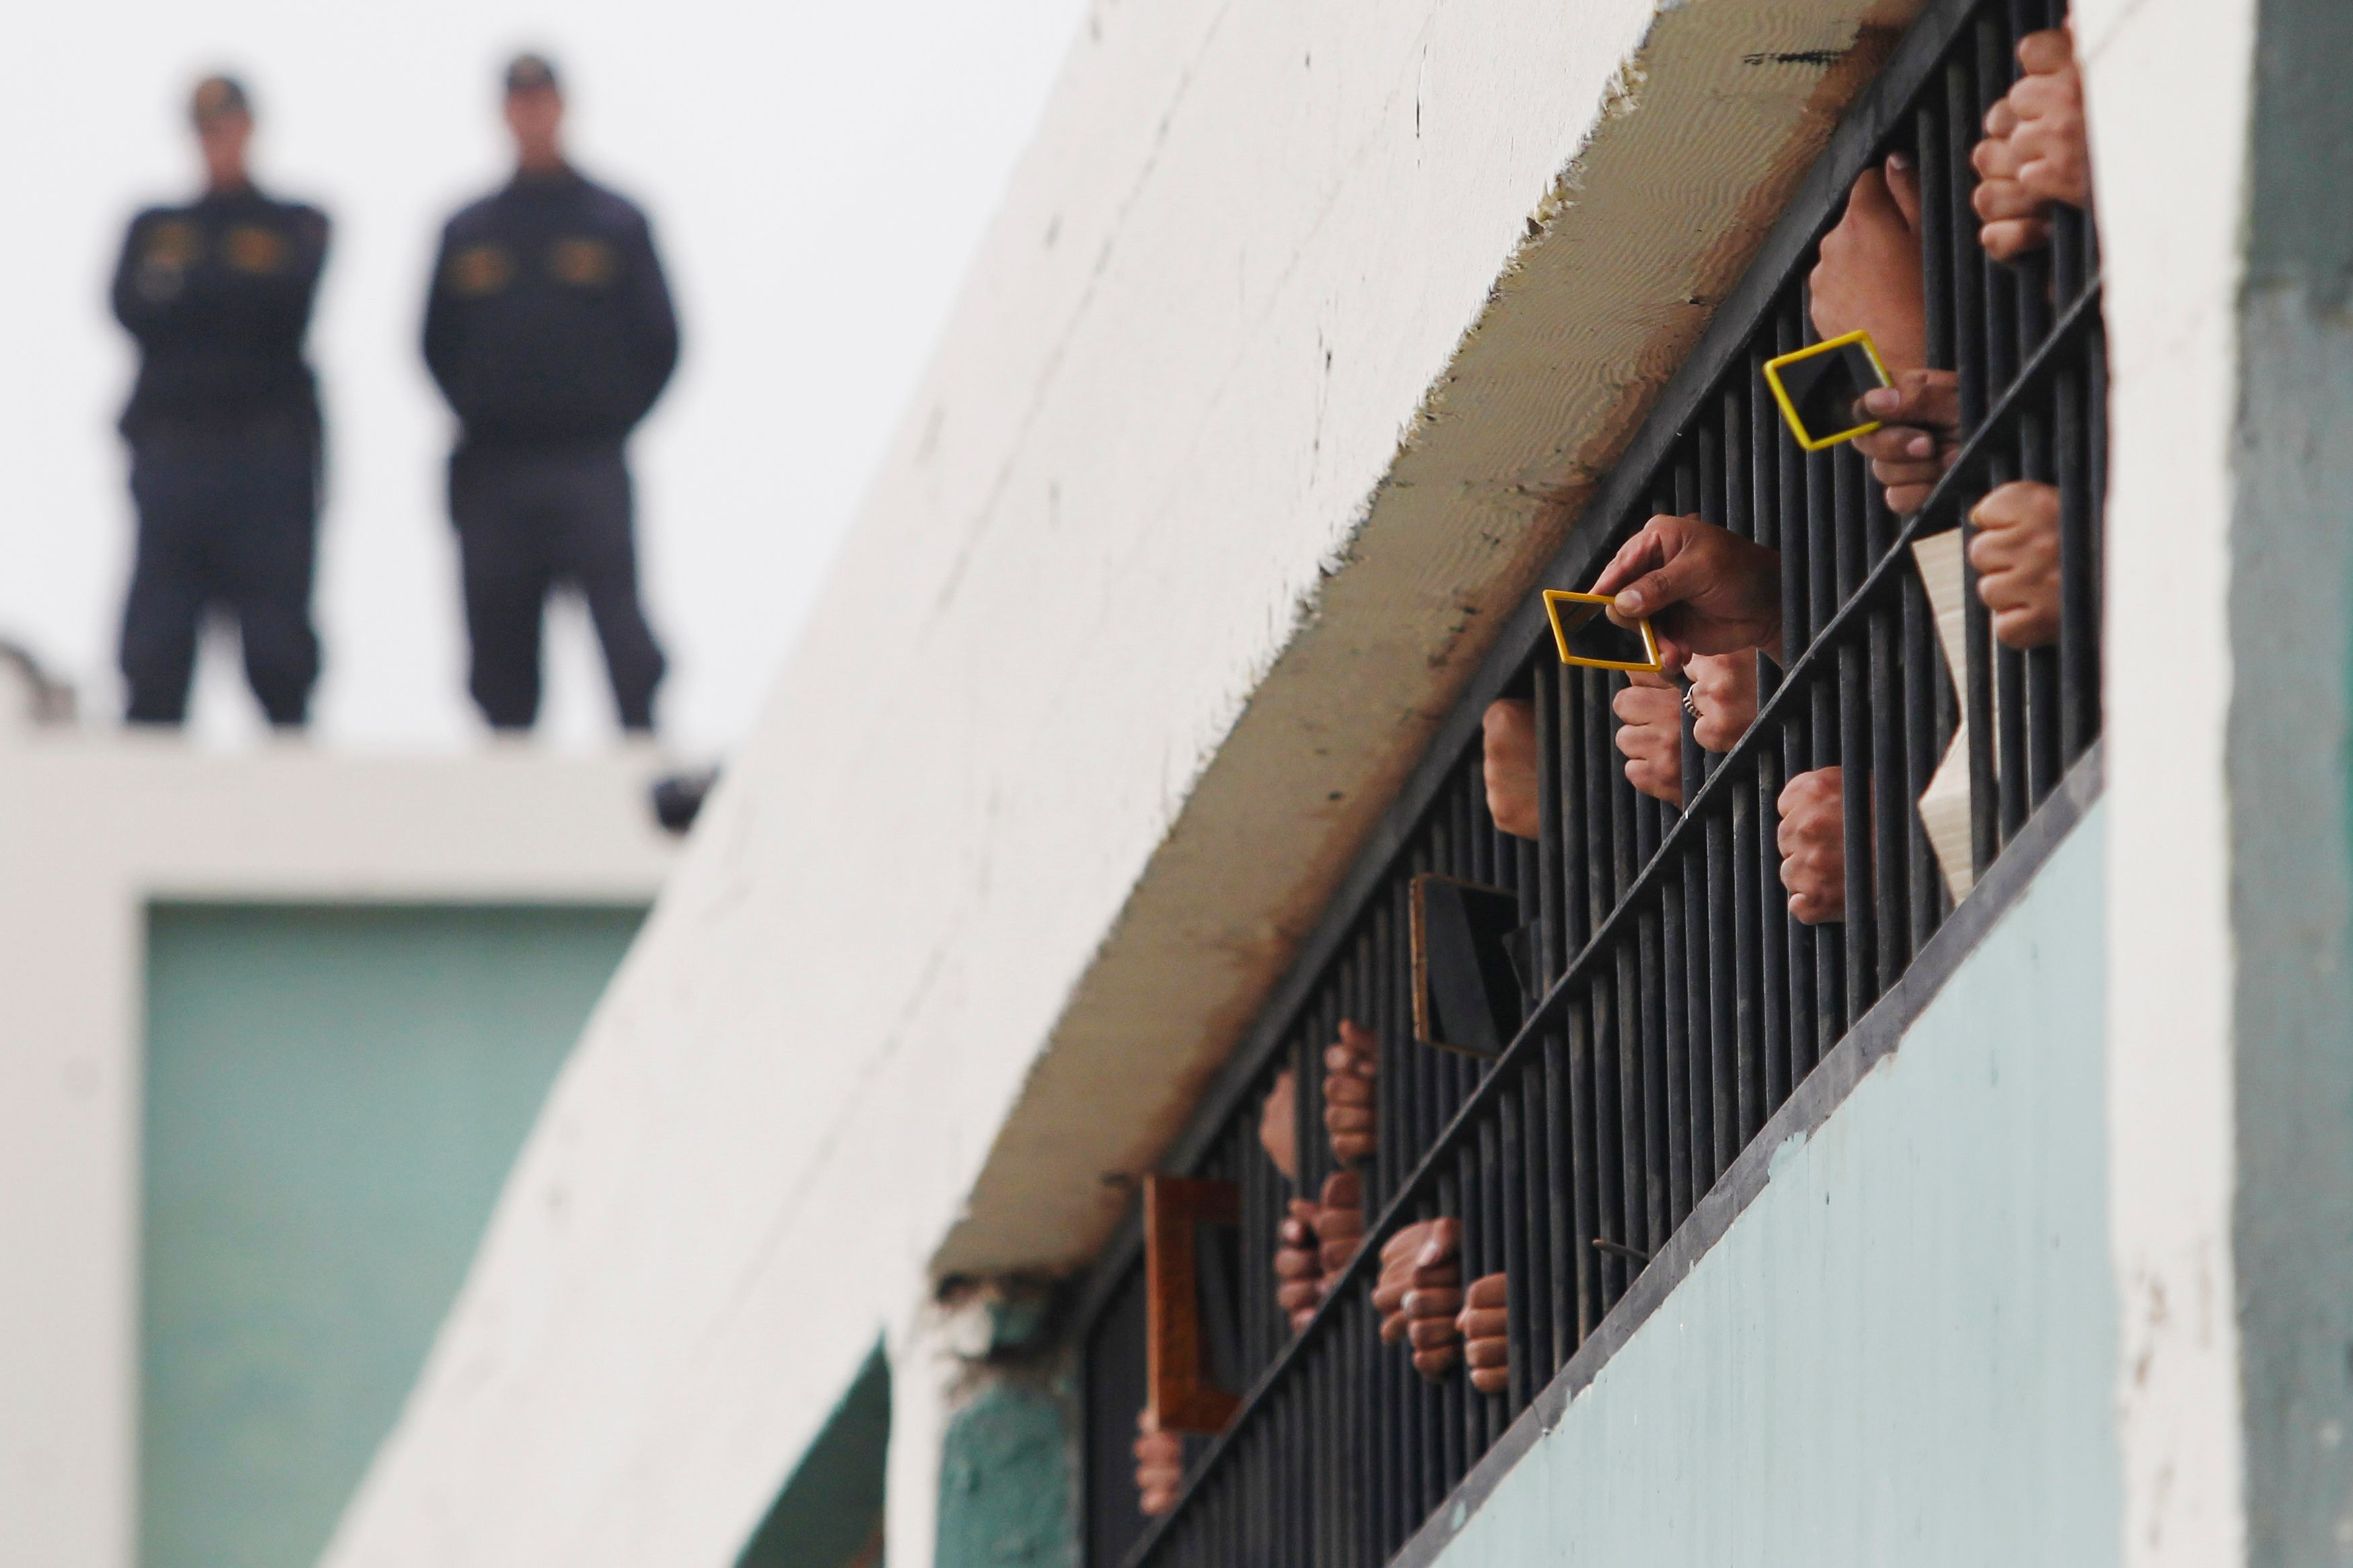 Prisons : Jean-Jacques Urvoas veut prévenir la radicalisation des surveillants